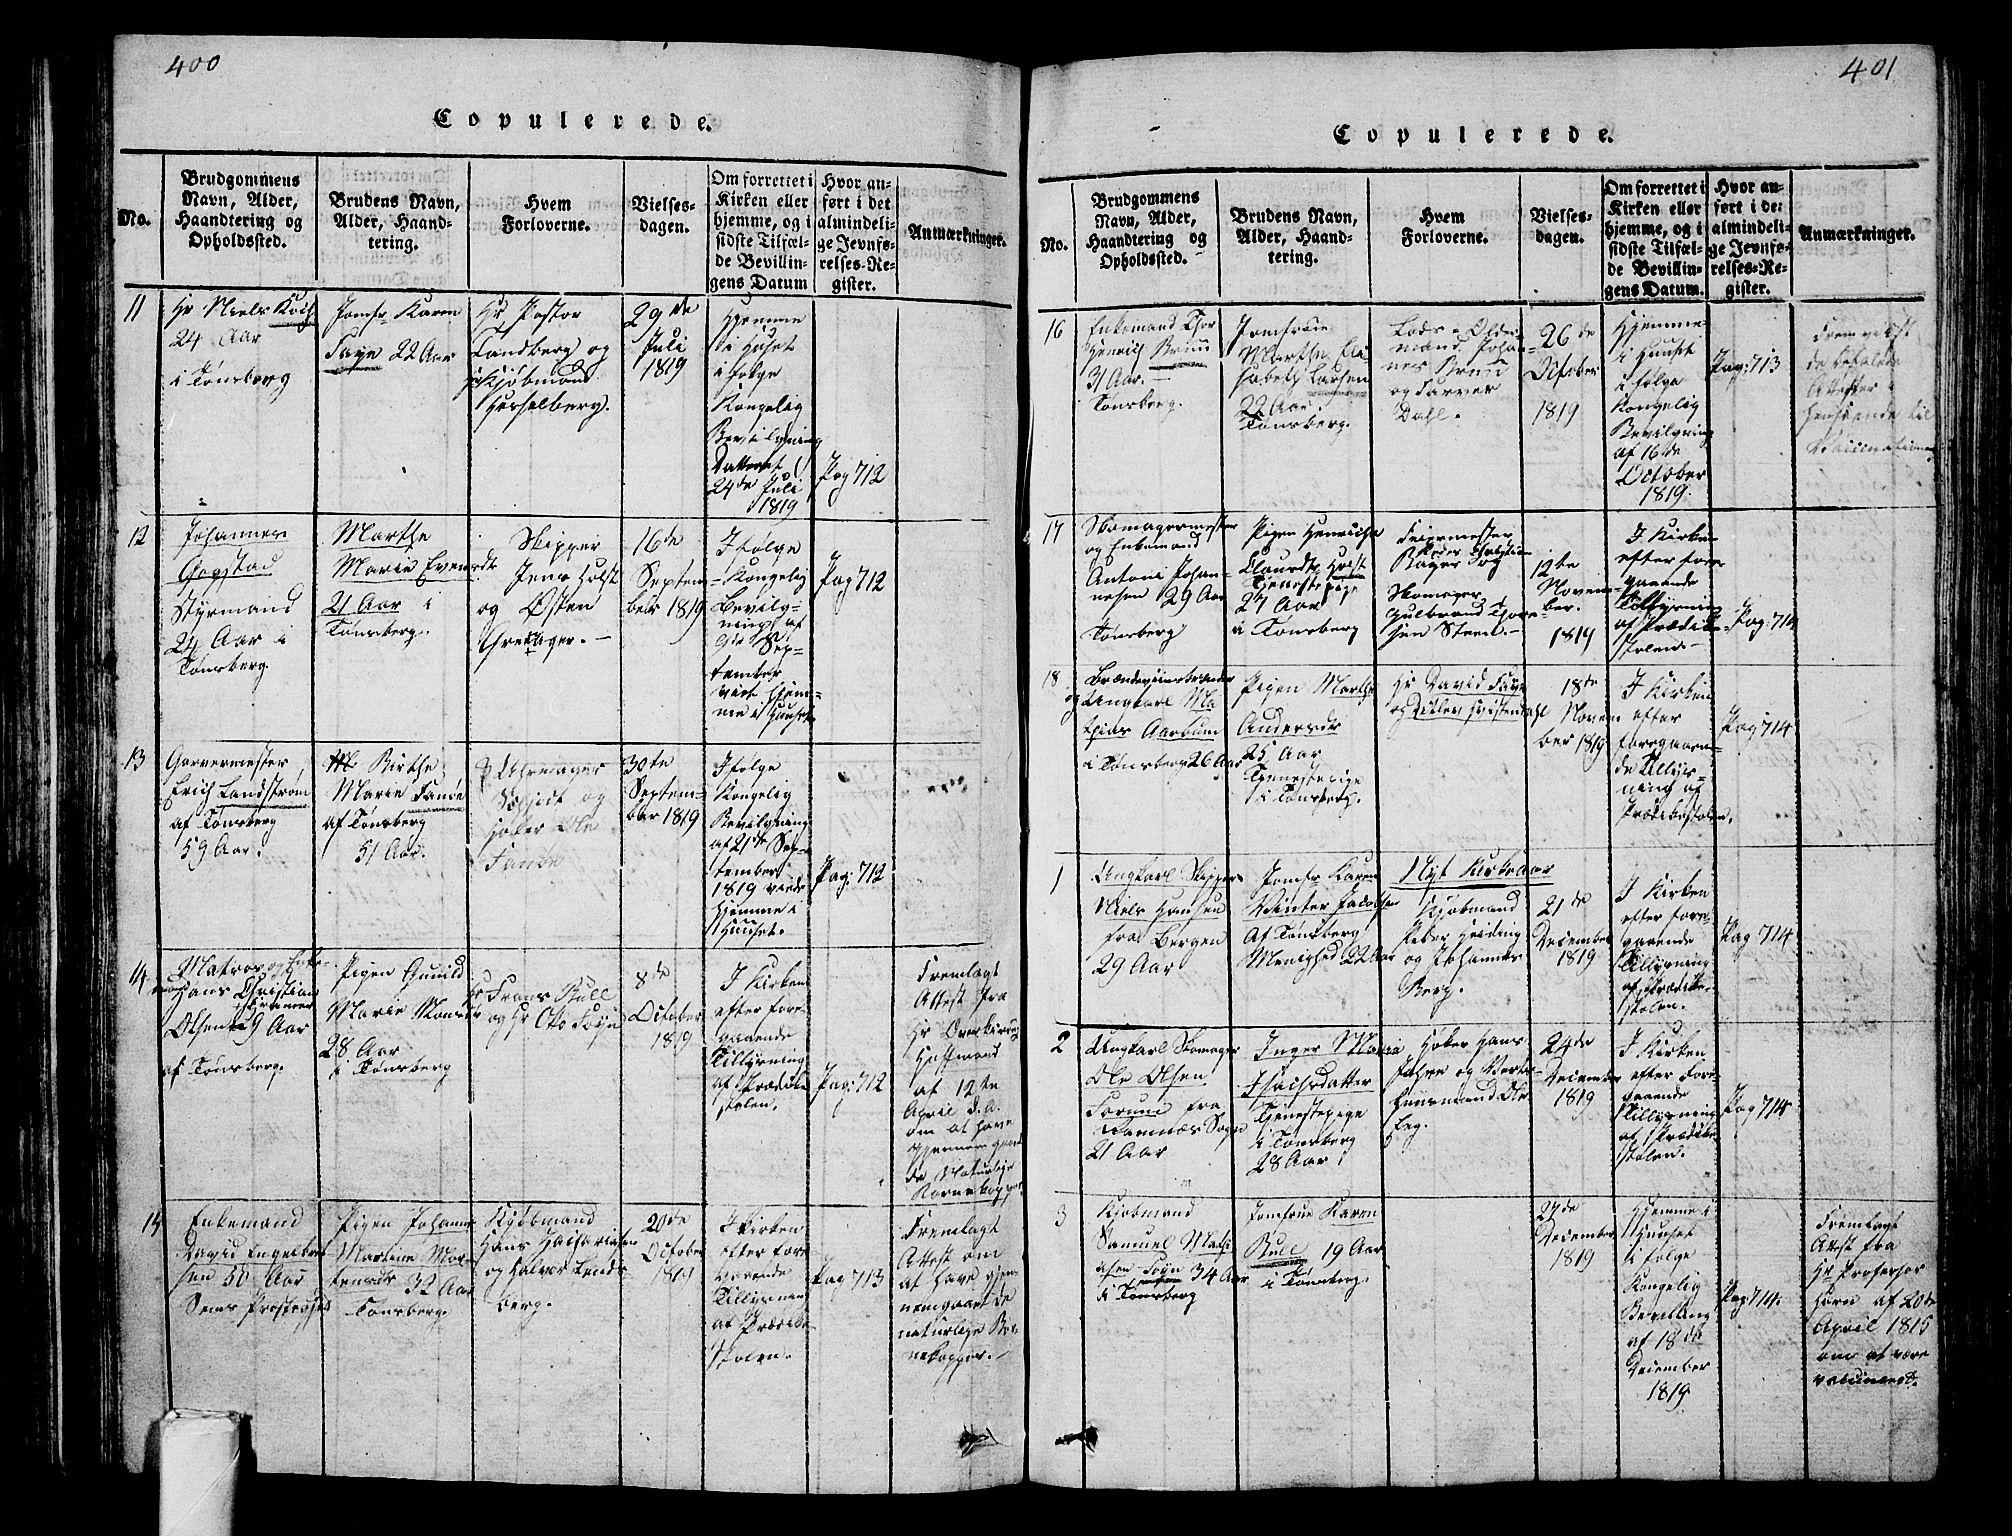 SAKO, Tønsberg kirkebøker, G/Ga/L0001: Klokkerbok nr. 1, 1813-1826, s. 400-401